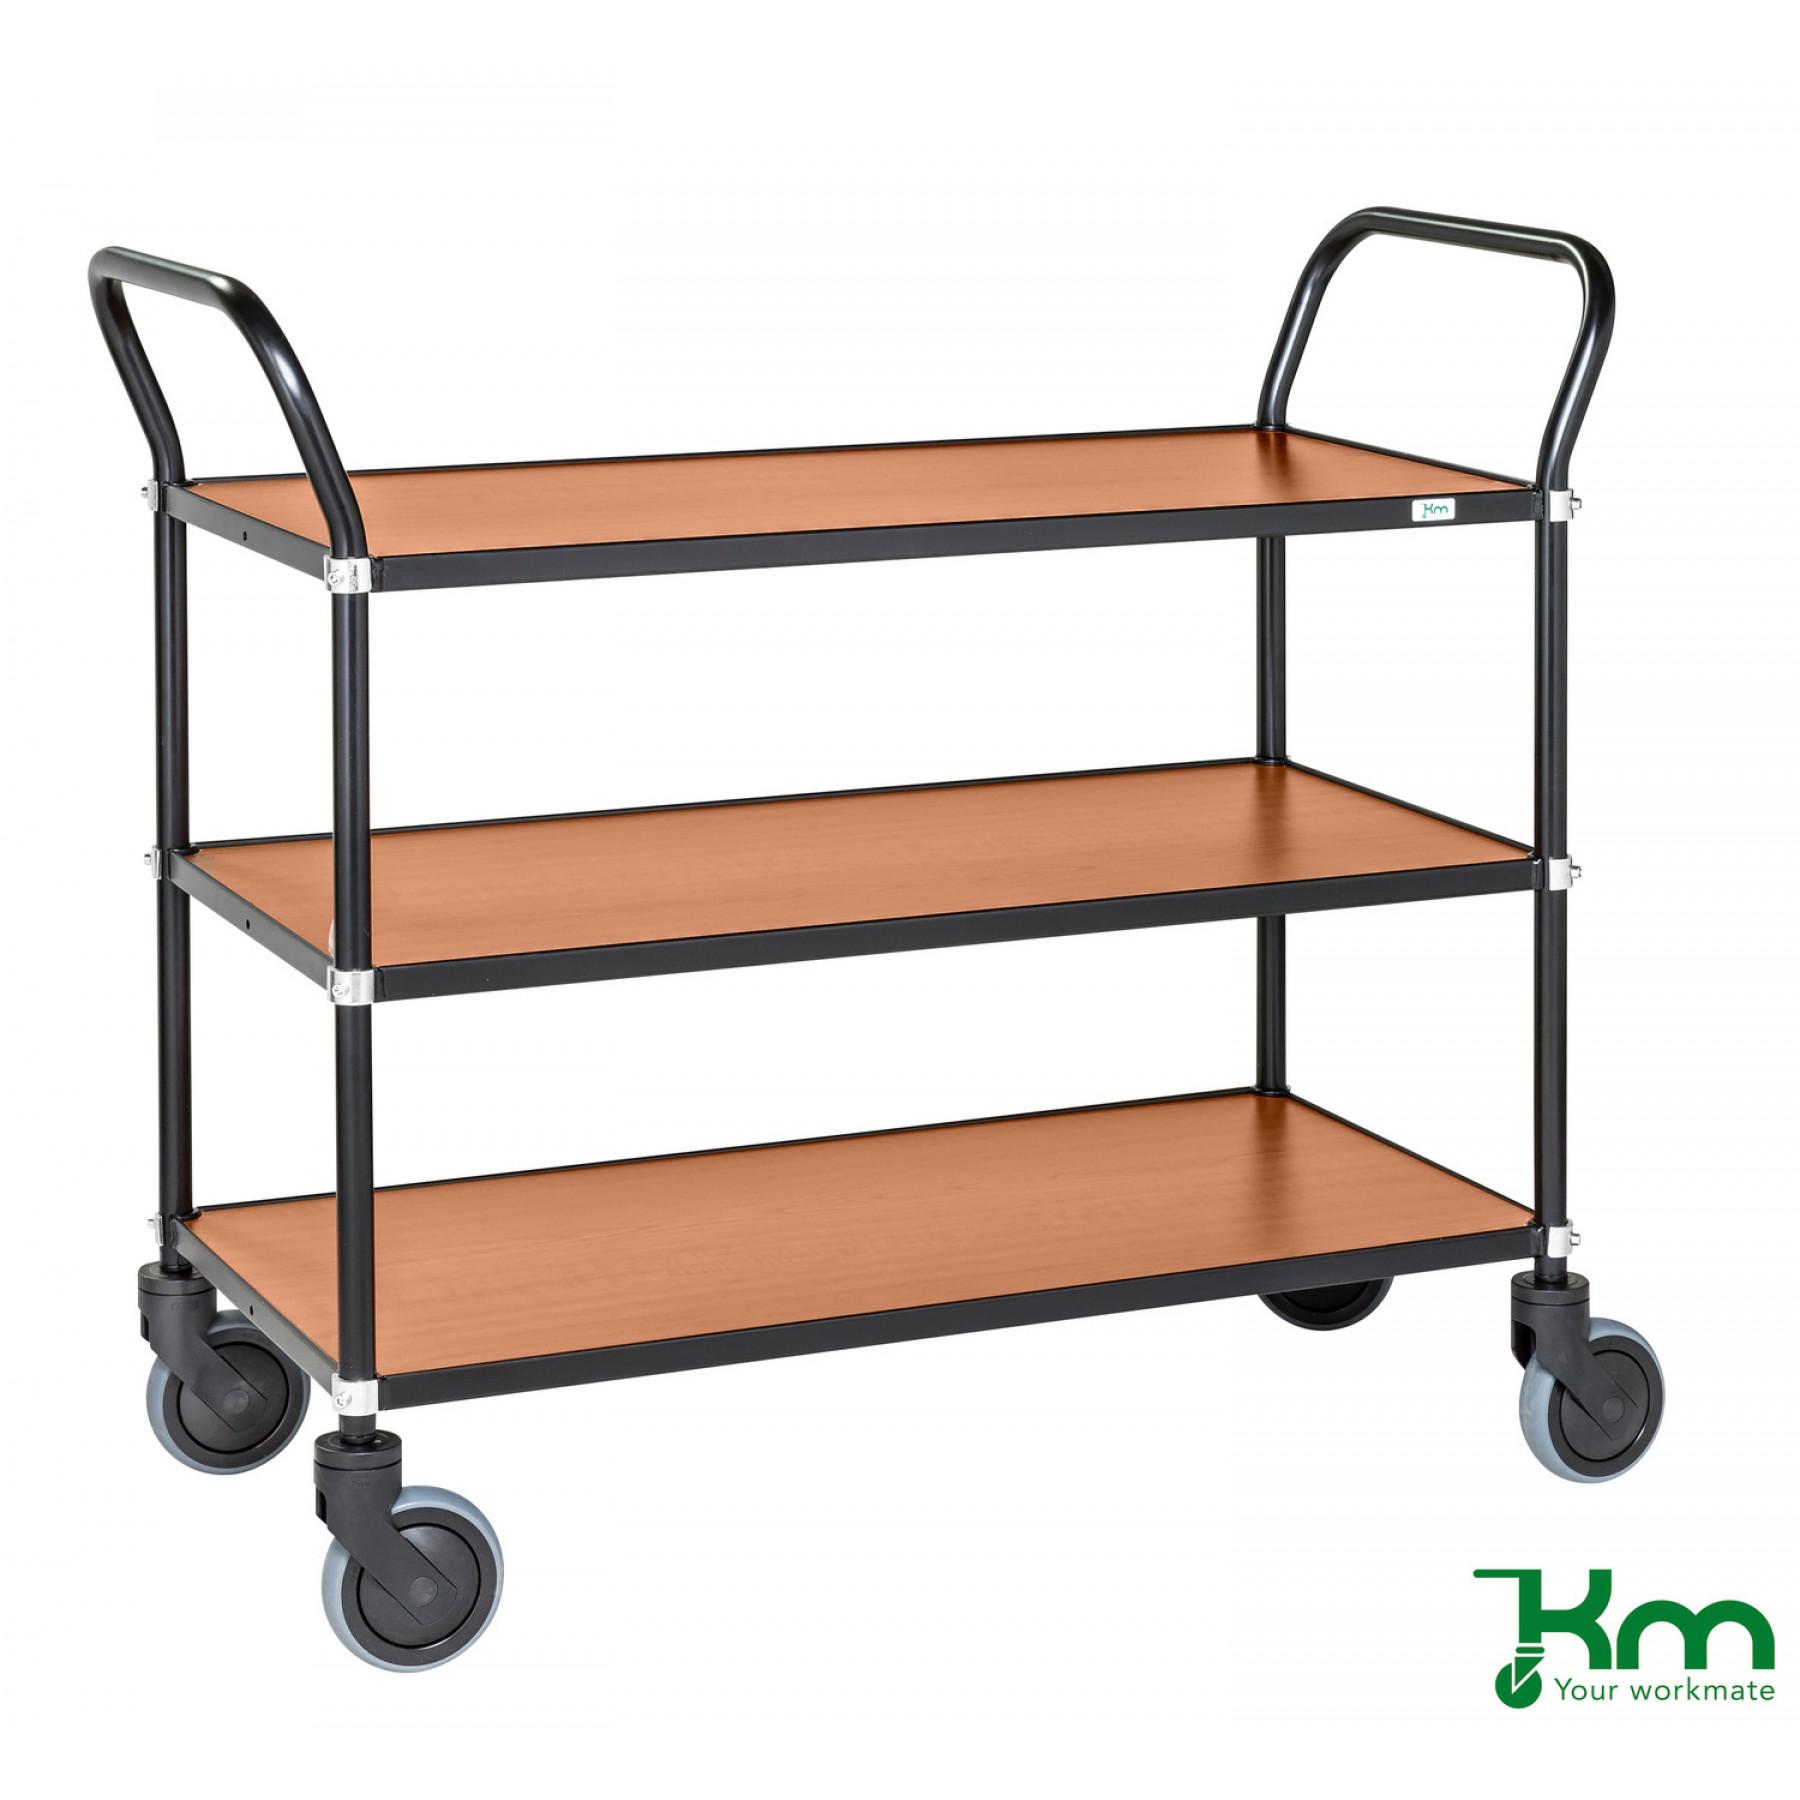 Design tafelwagen met kersenstructuur toplaag, KM 9113-KO